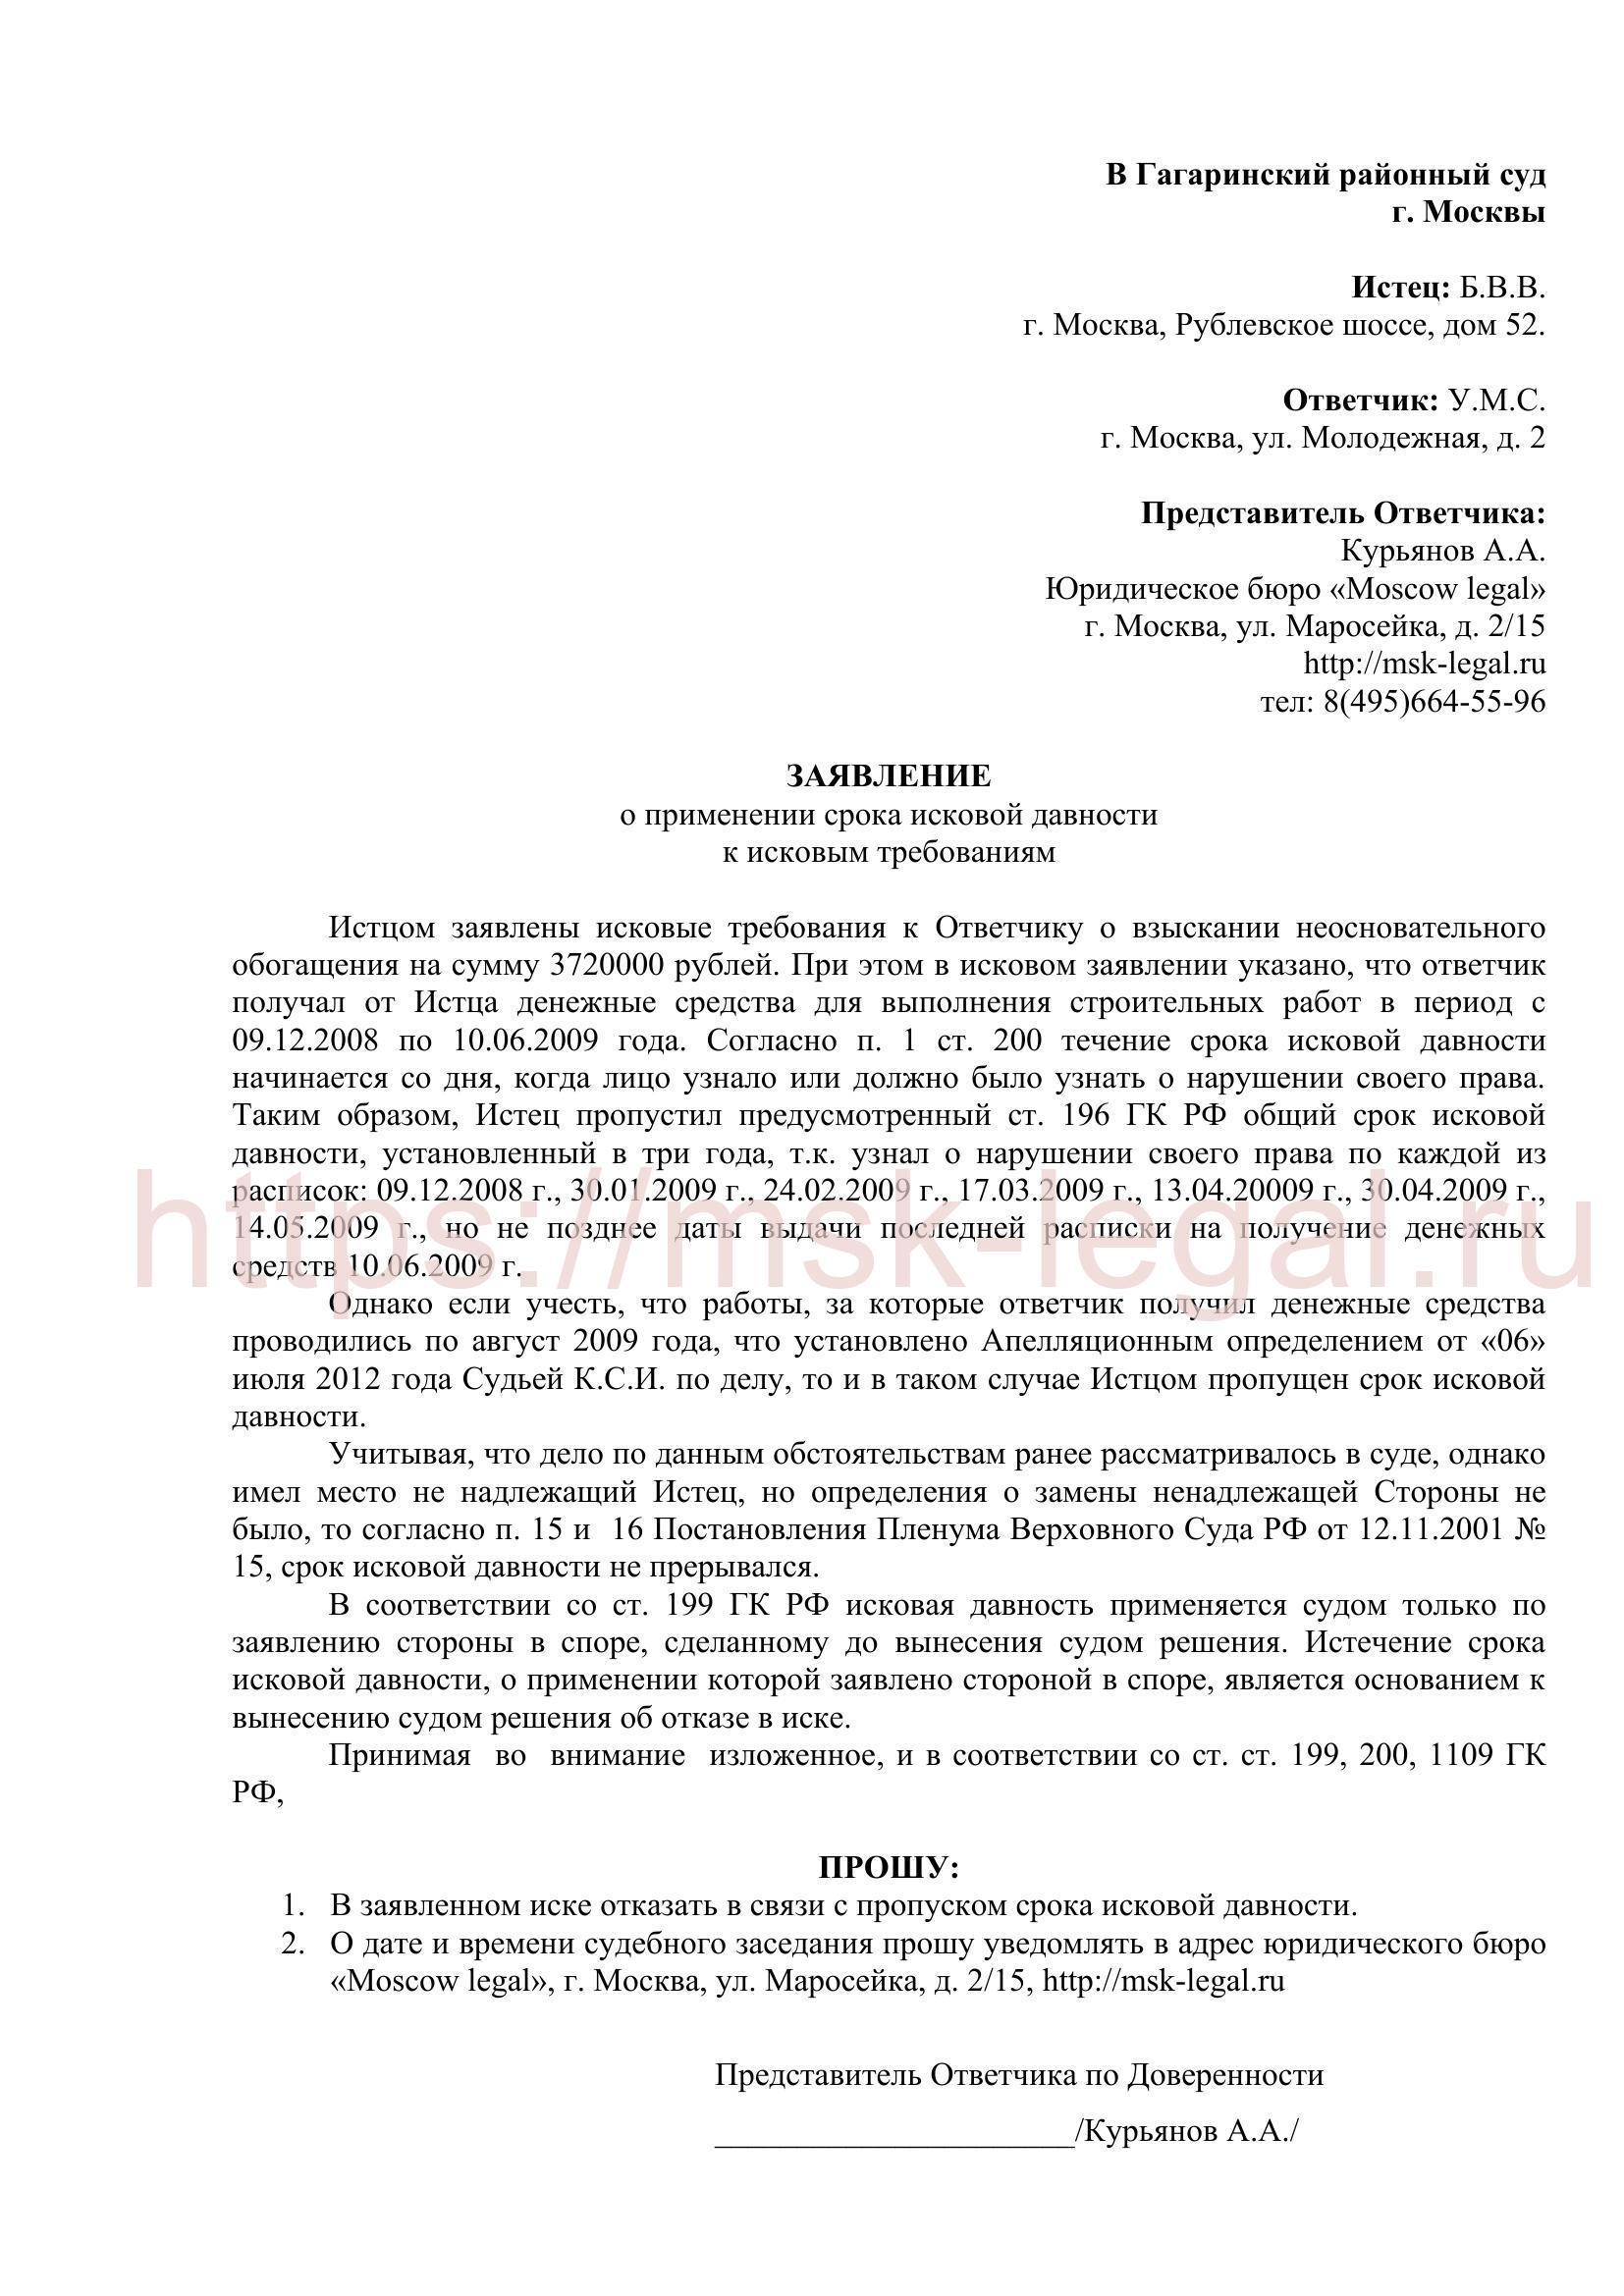 Заявление о применении срока исковой давности по строительному спору